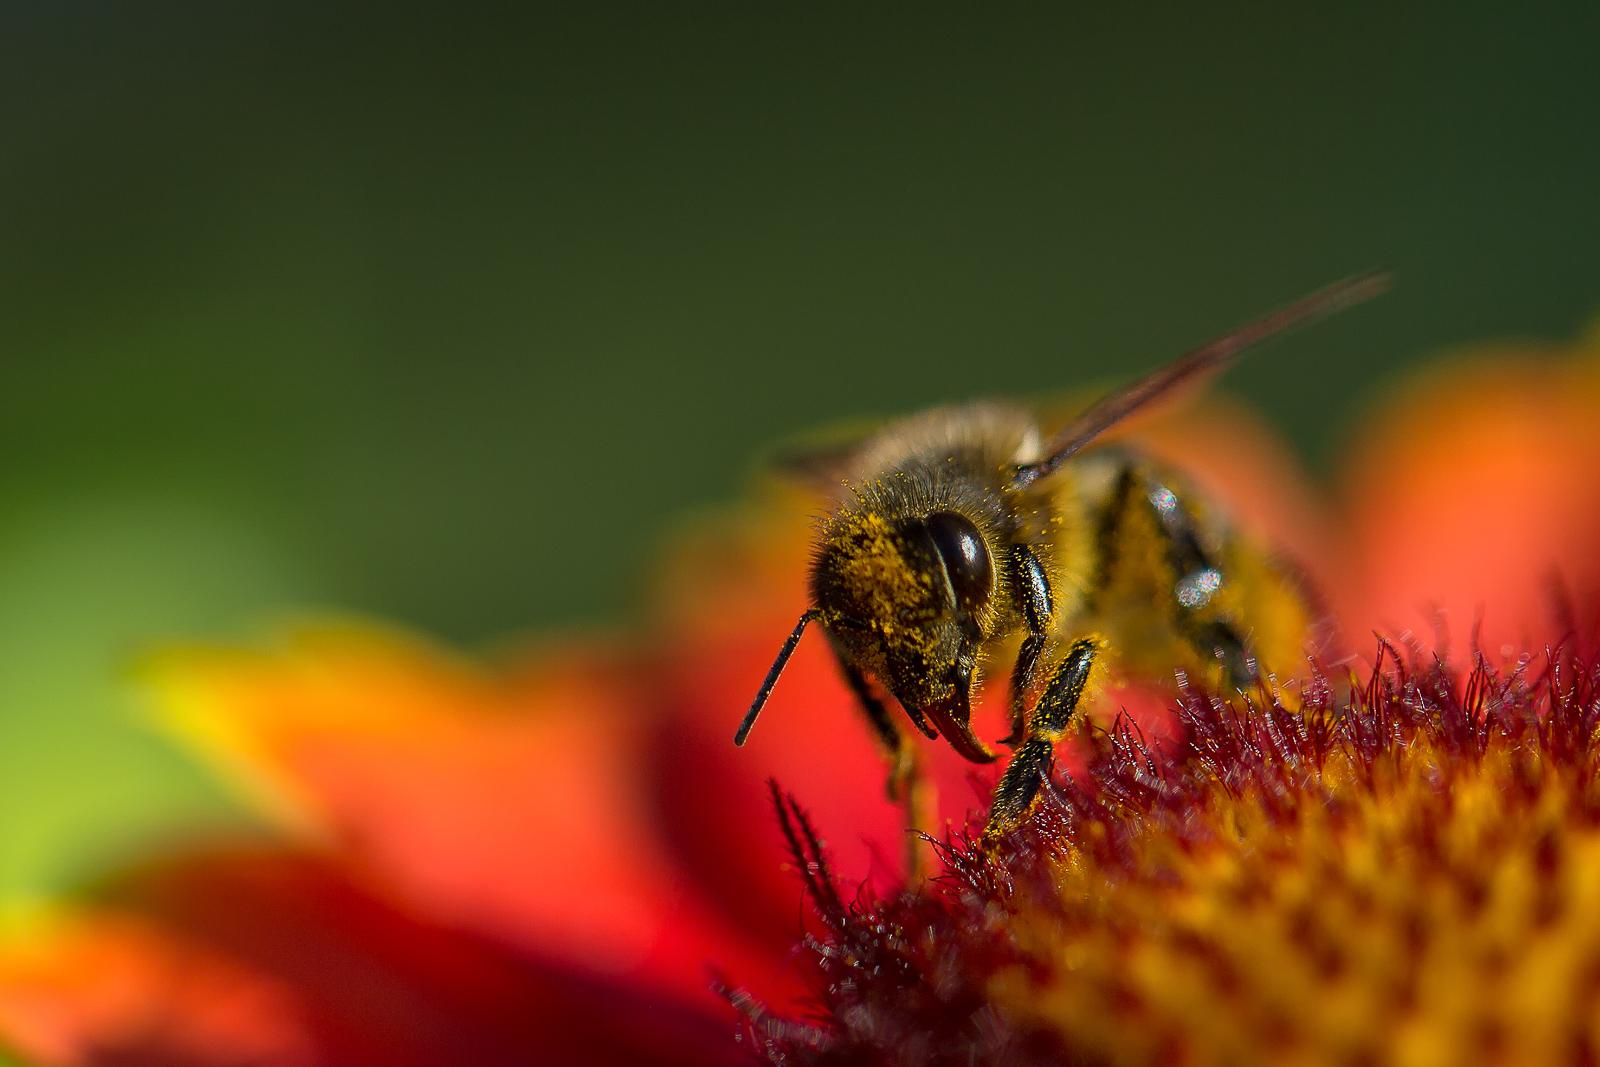 Galerie macrophotographiephoto macro d'une abeille sur une fleur